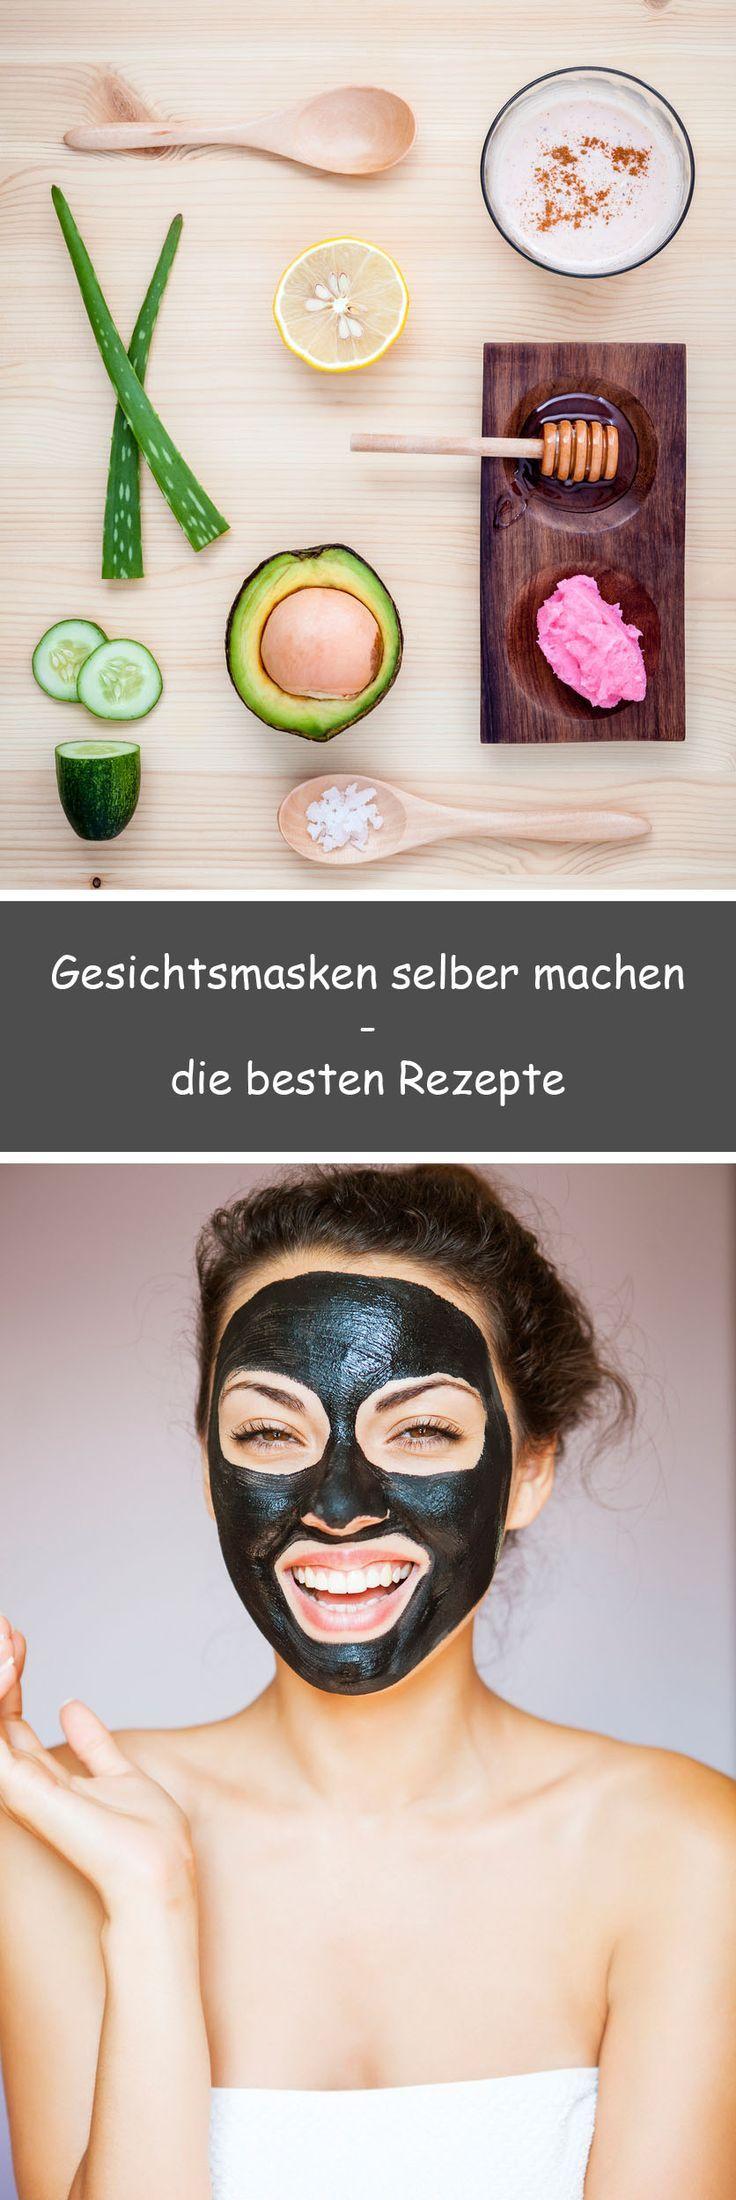 Gesichtsmasken selber machen • Schnelle Rezepte #skintips